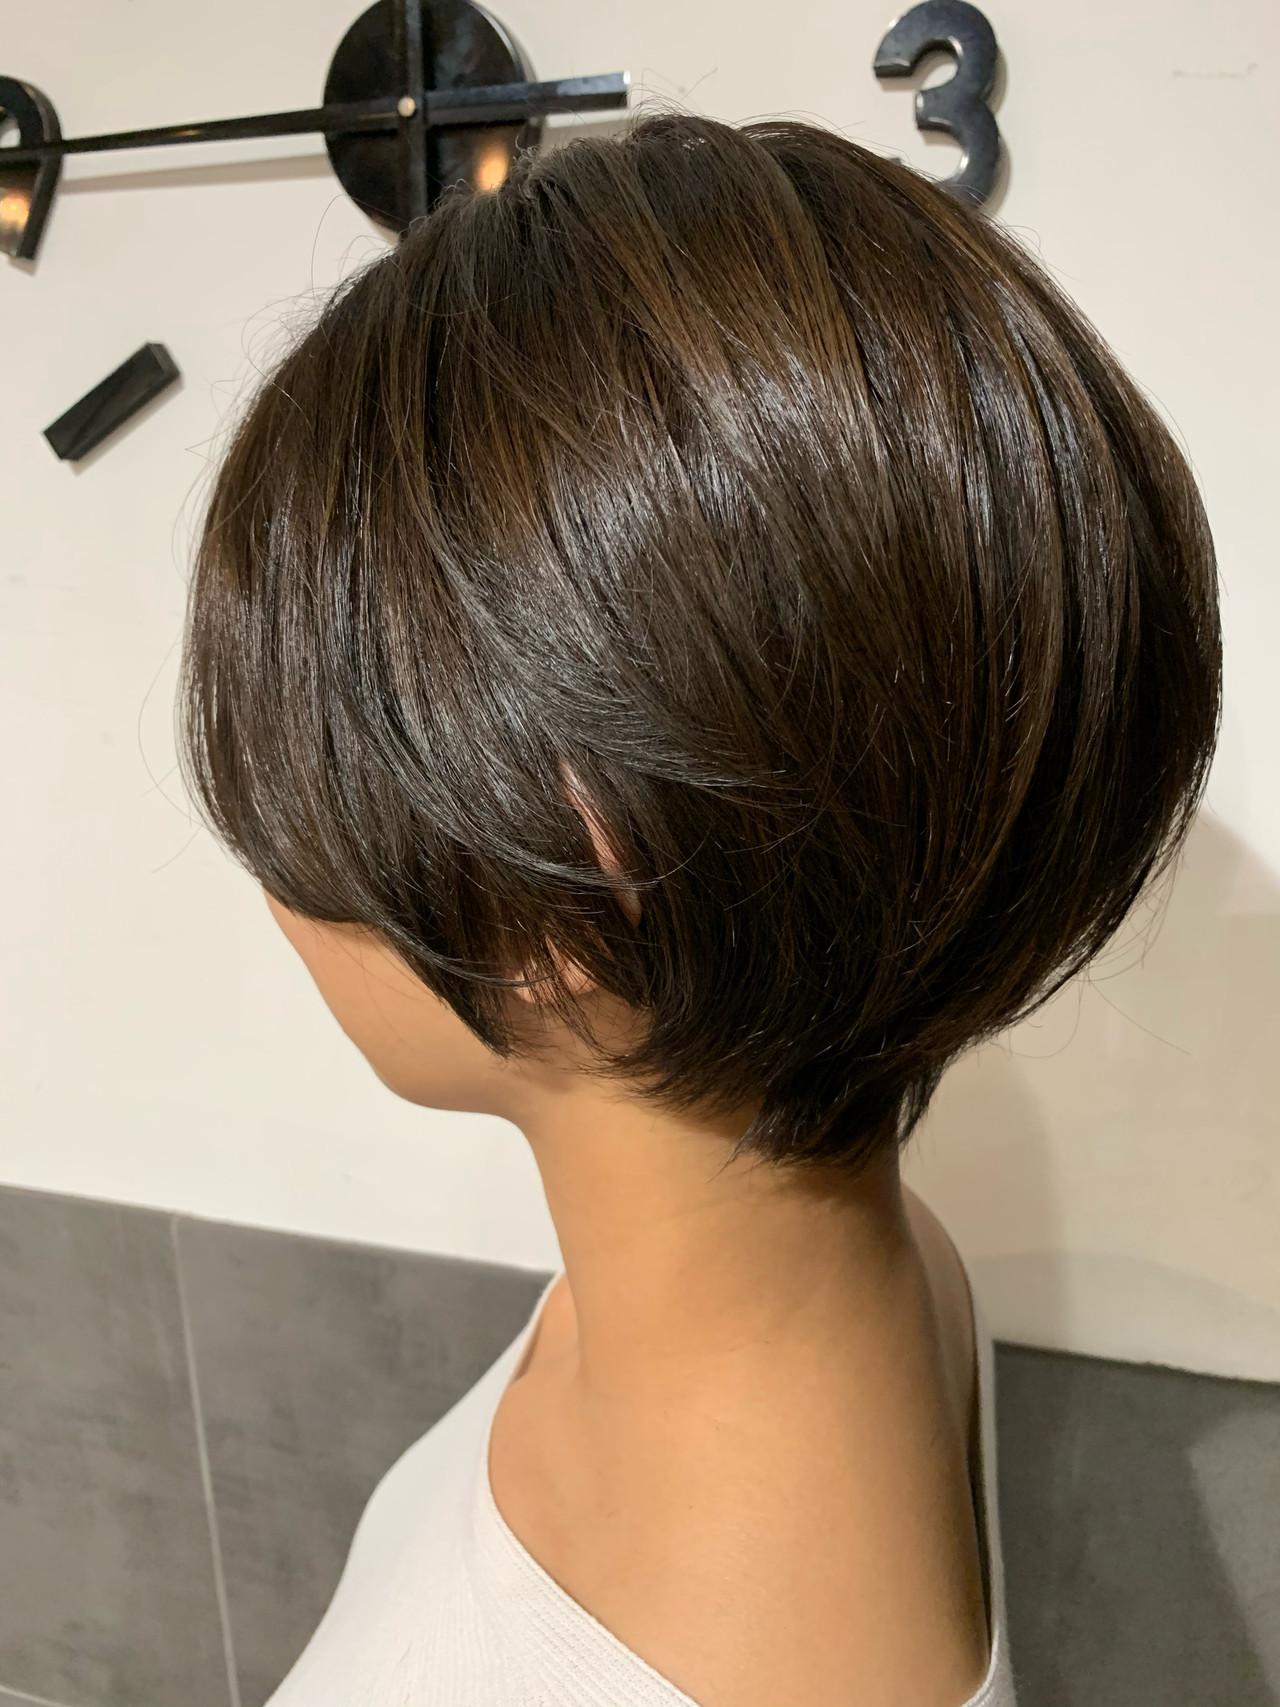 ショートヘア ハンサムショート ナチュラル ショートボブ ヘアスタイルや髪型の写真・画像 | オカモト ナツキ/ショートヘア / Neolive susu